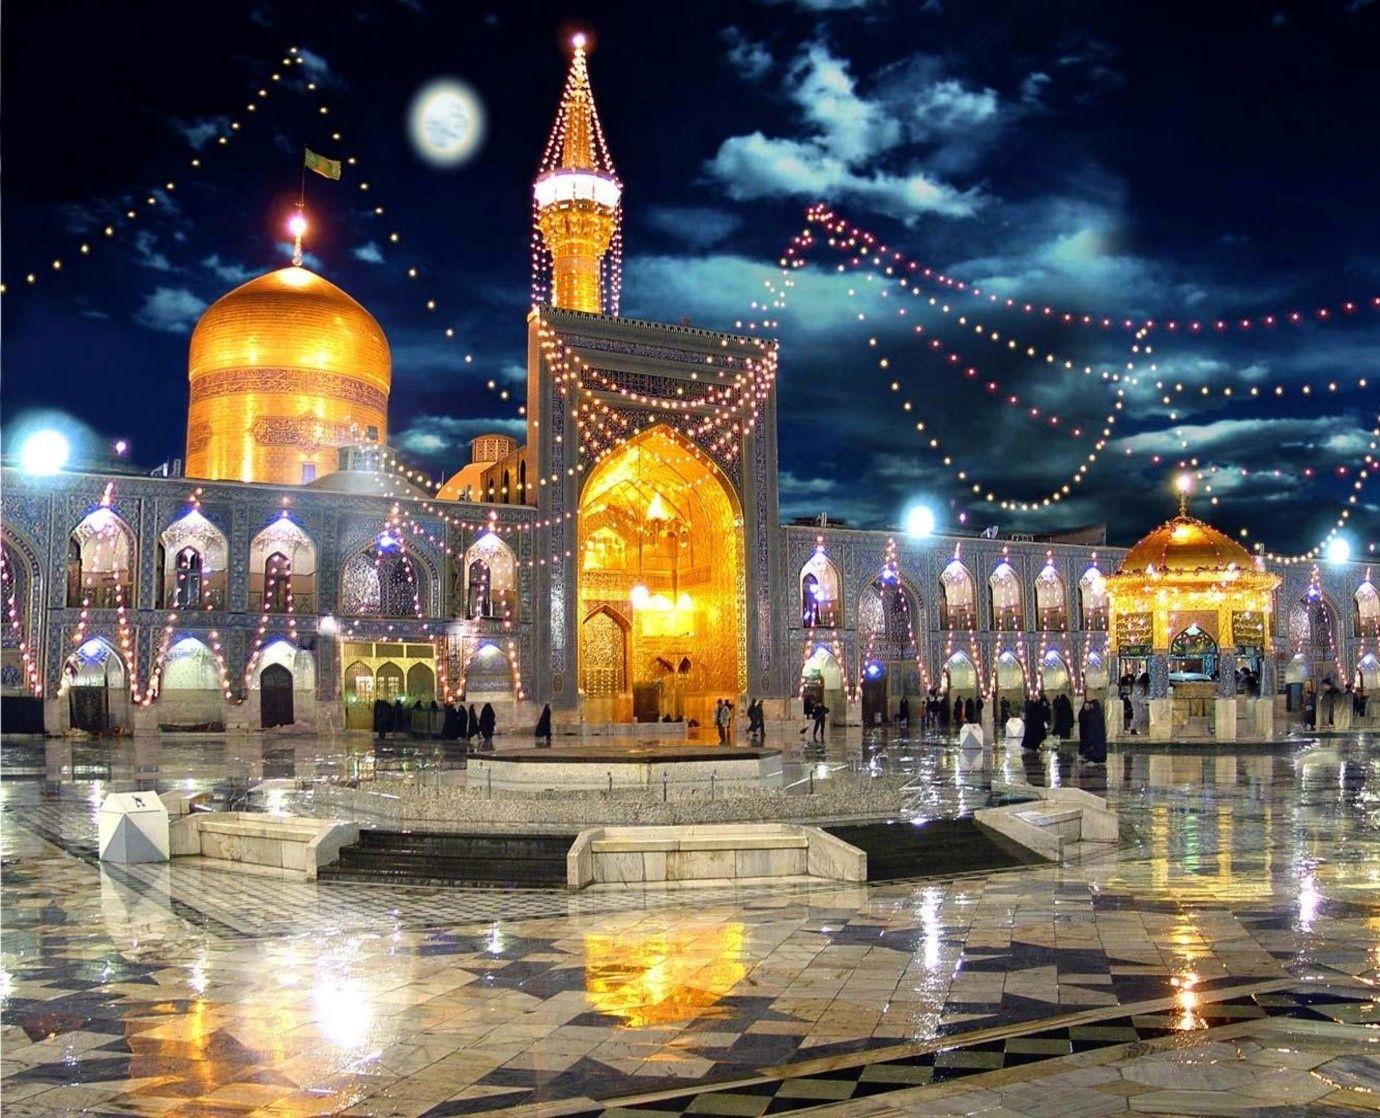 تجربه شیرین زیارت مشهد مقدس در نوروز 99